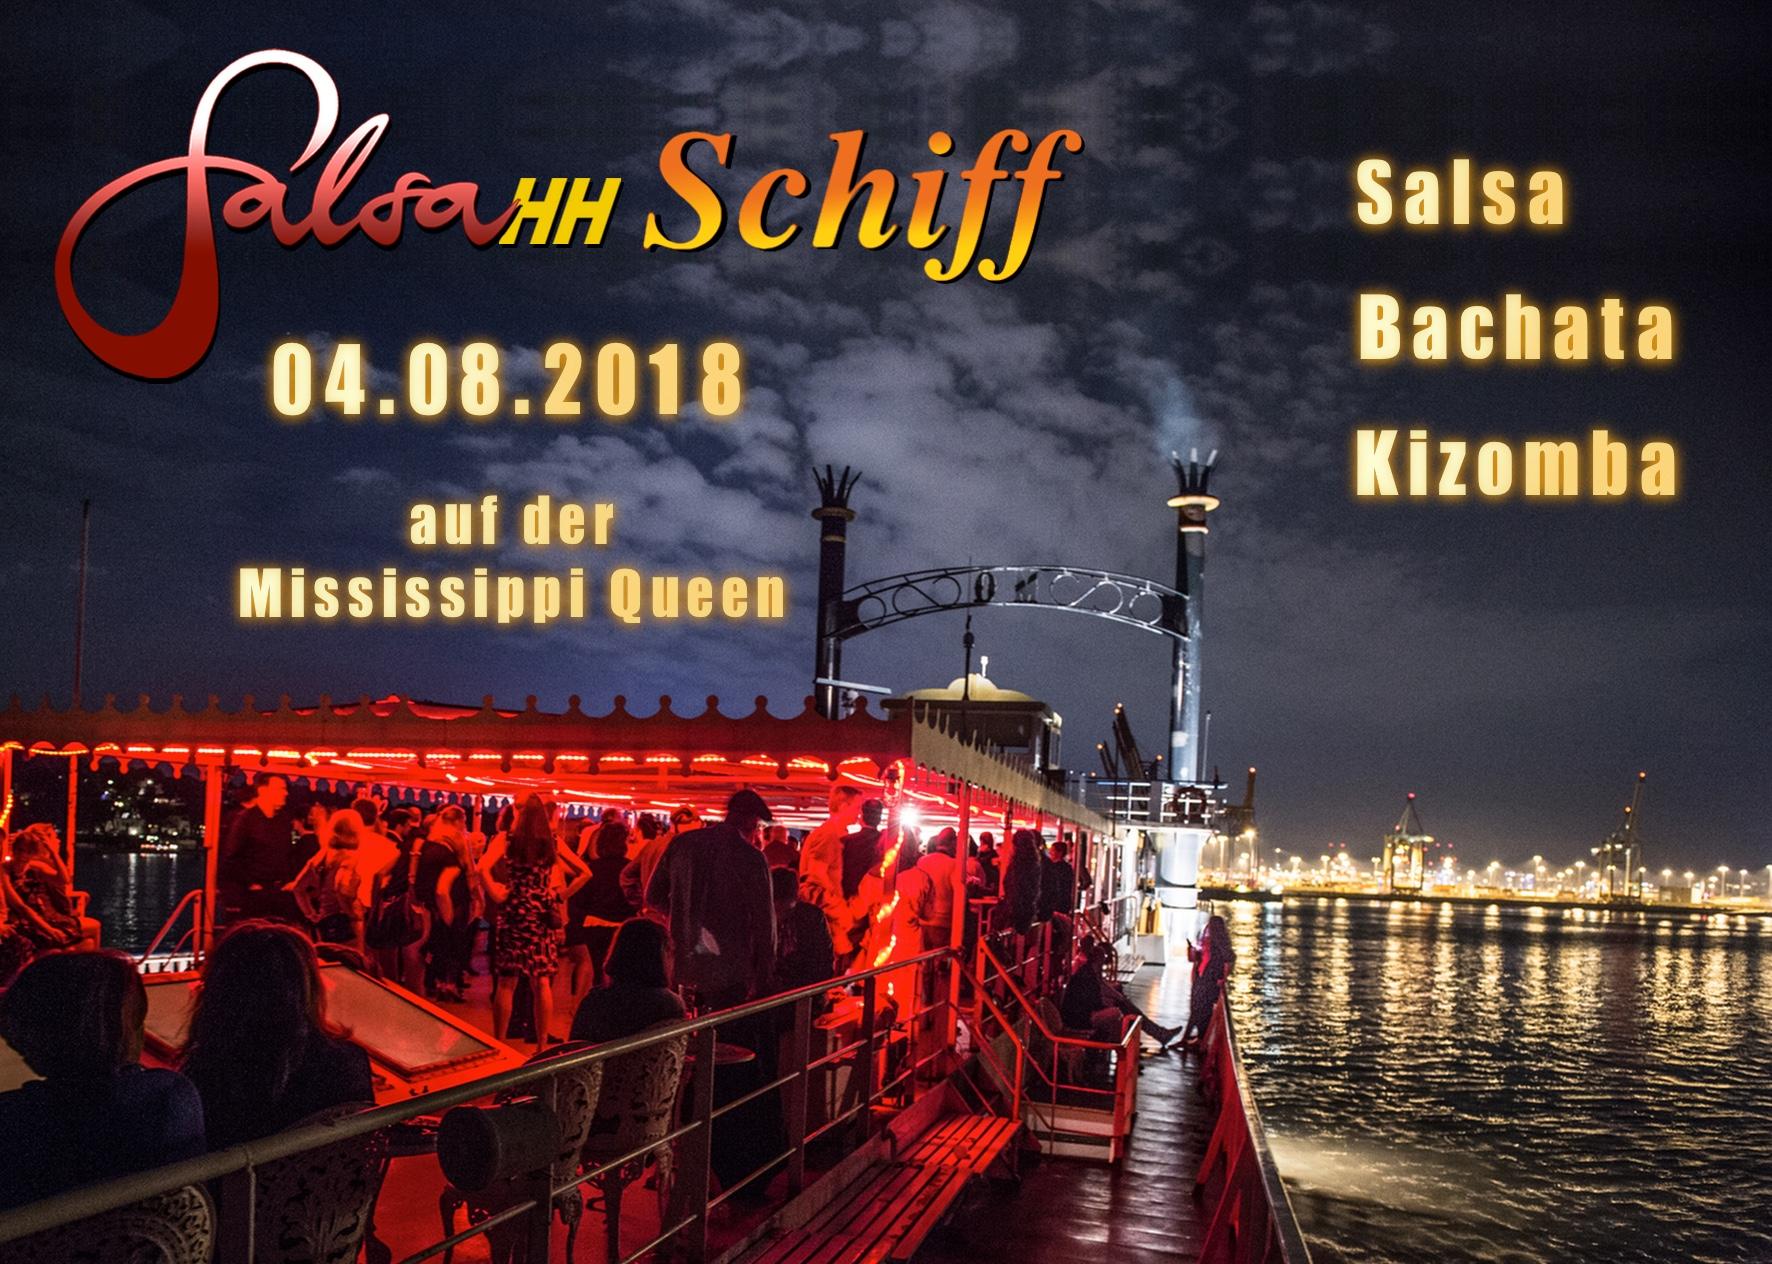 SalsaHH-Schiff 2017